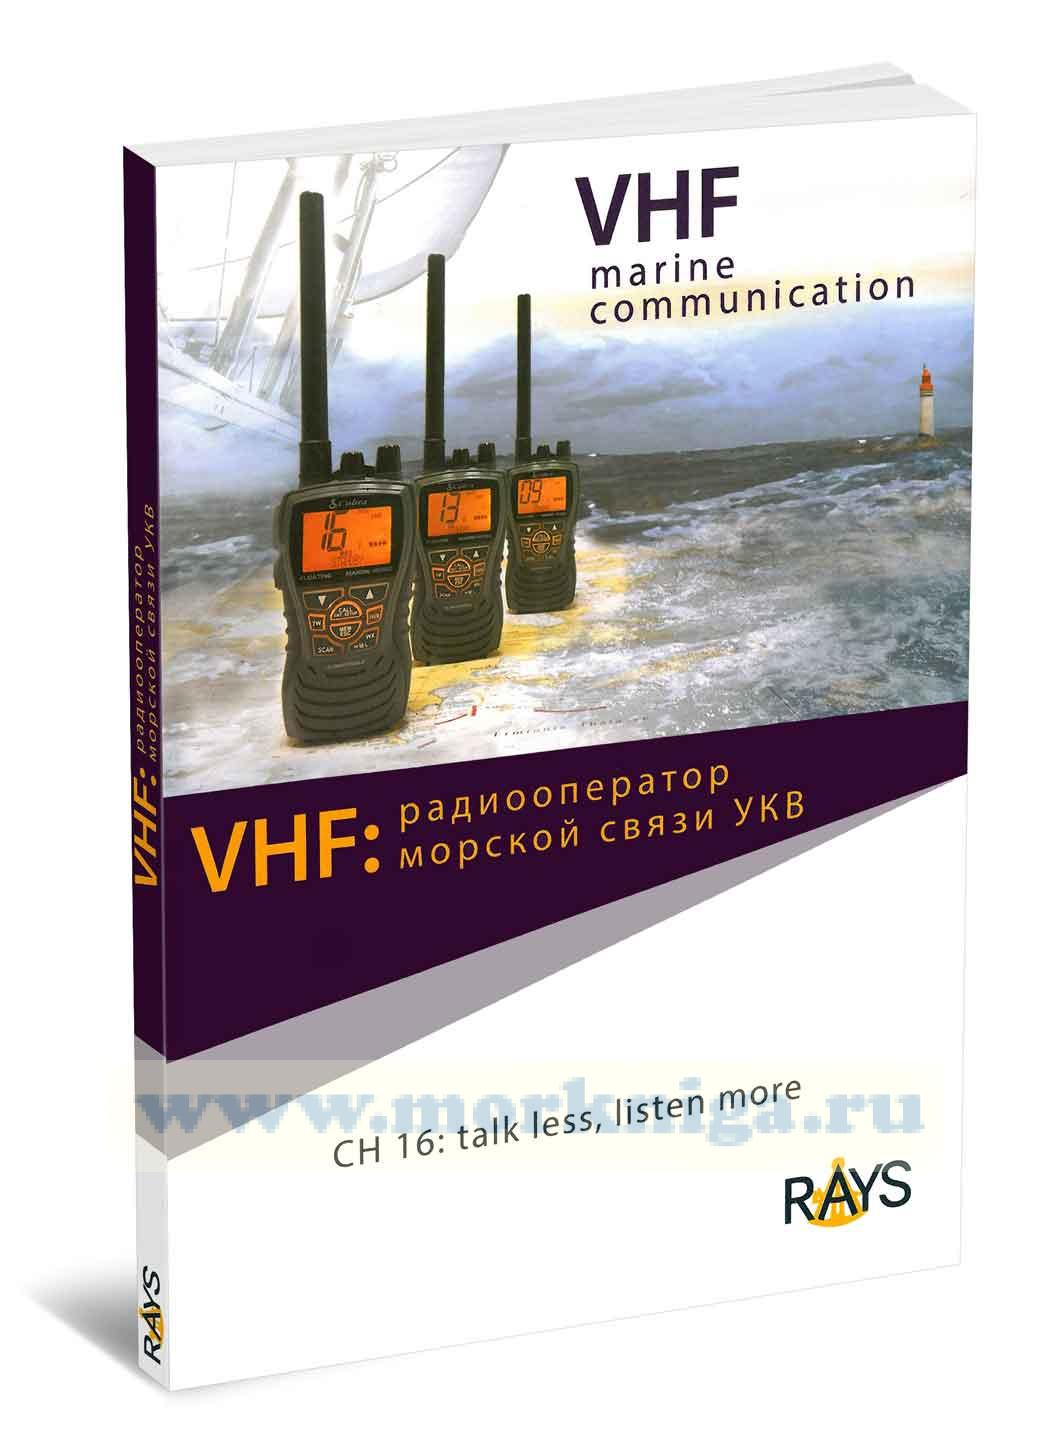 VHF: радиооператор морской связи УКВ